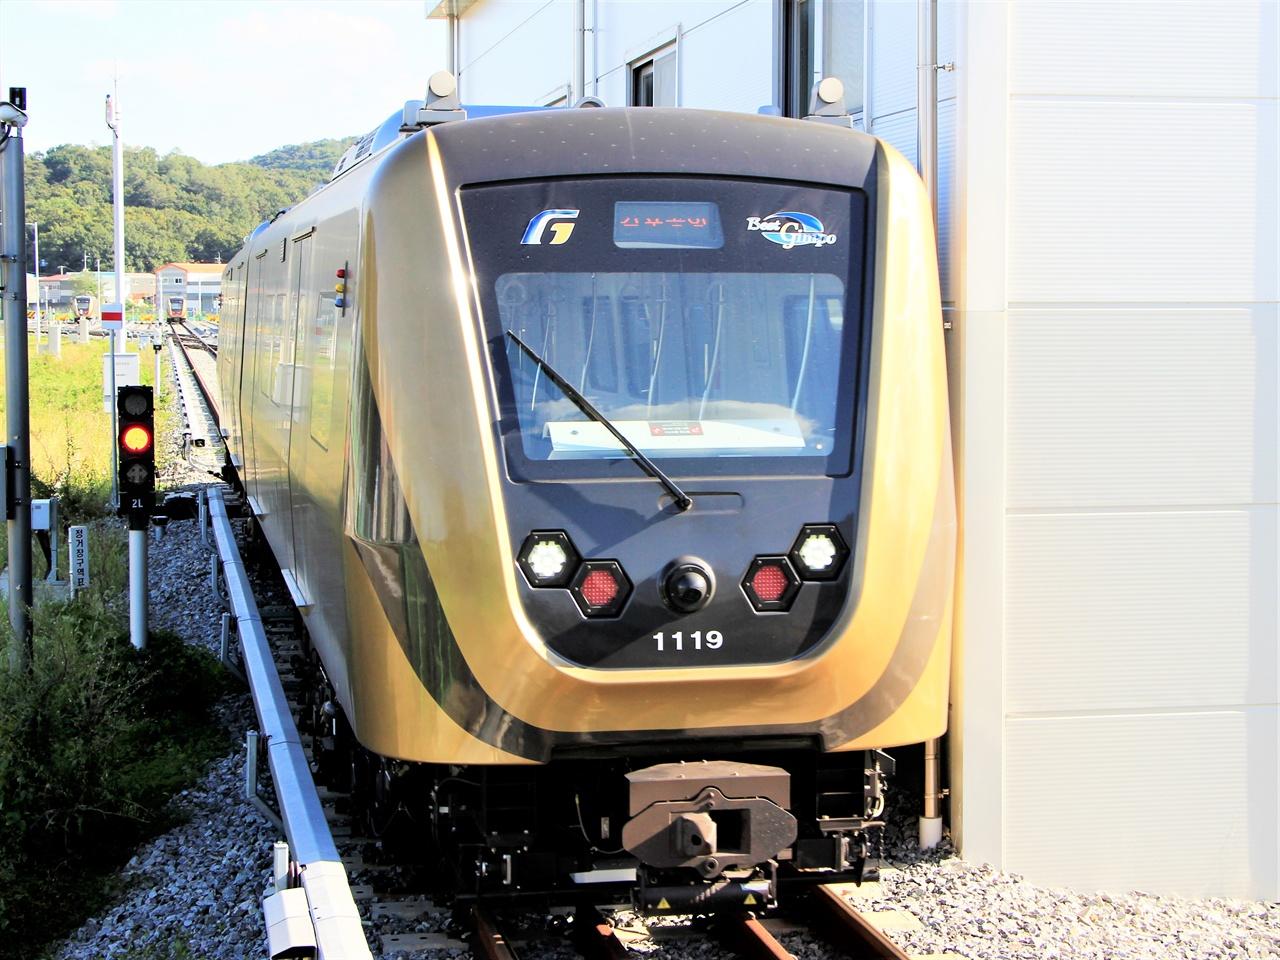 김포공항역으로 향하는 김포골드라인 열차가 양촌역 승강장에 들어오고 있다.